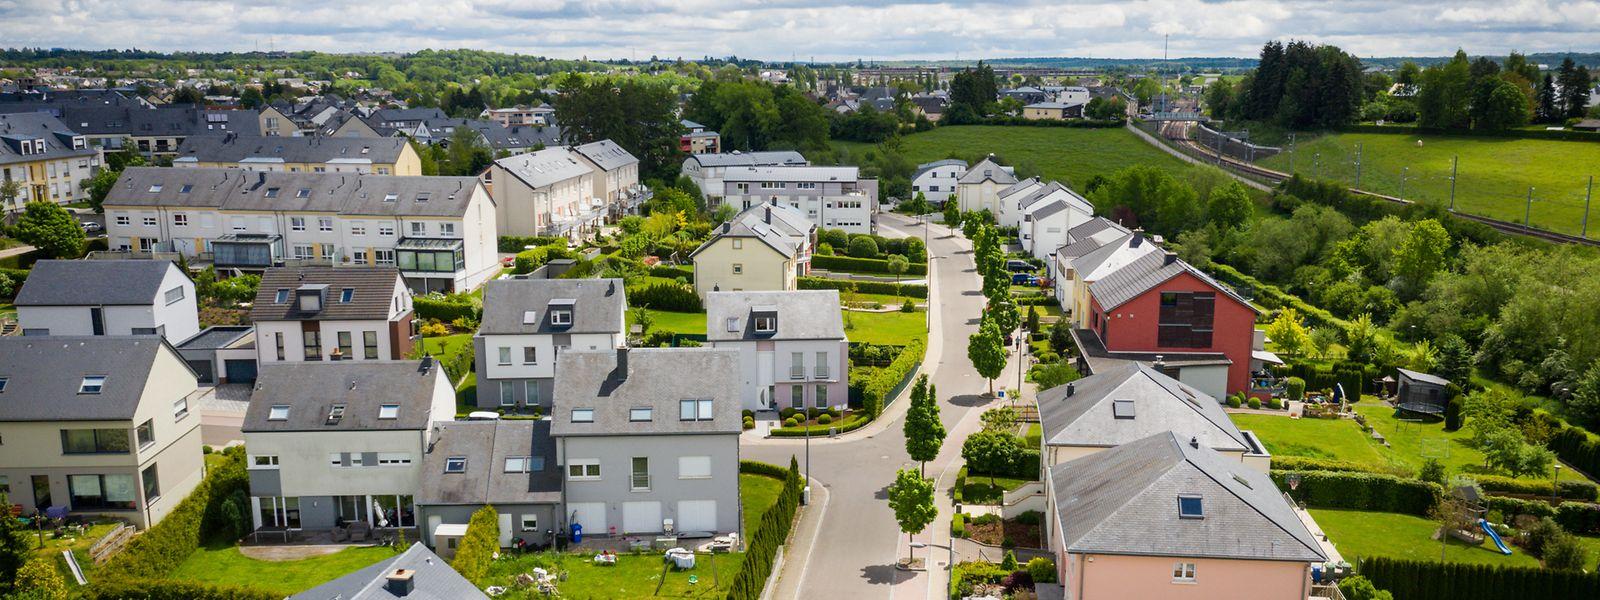 Durch die neue Gebühr erhofft sich die Gemeinde Mamer, den Überblick über Vermieter auf Airbnb zu behalten.